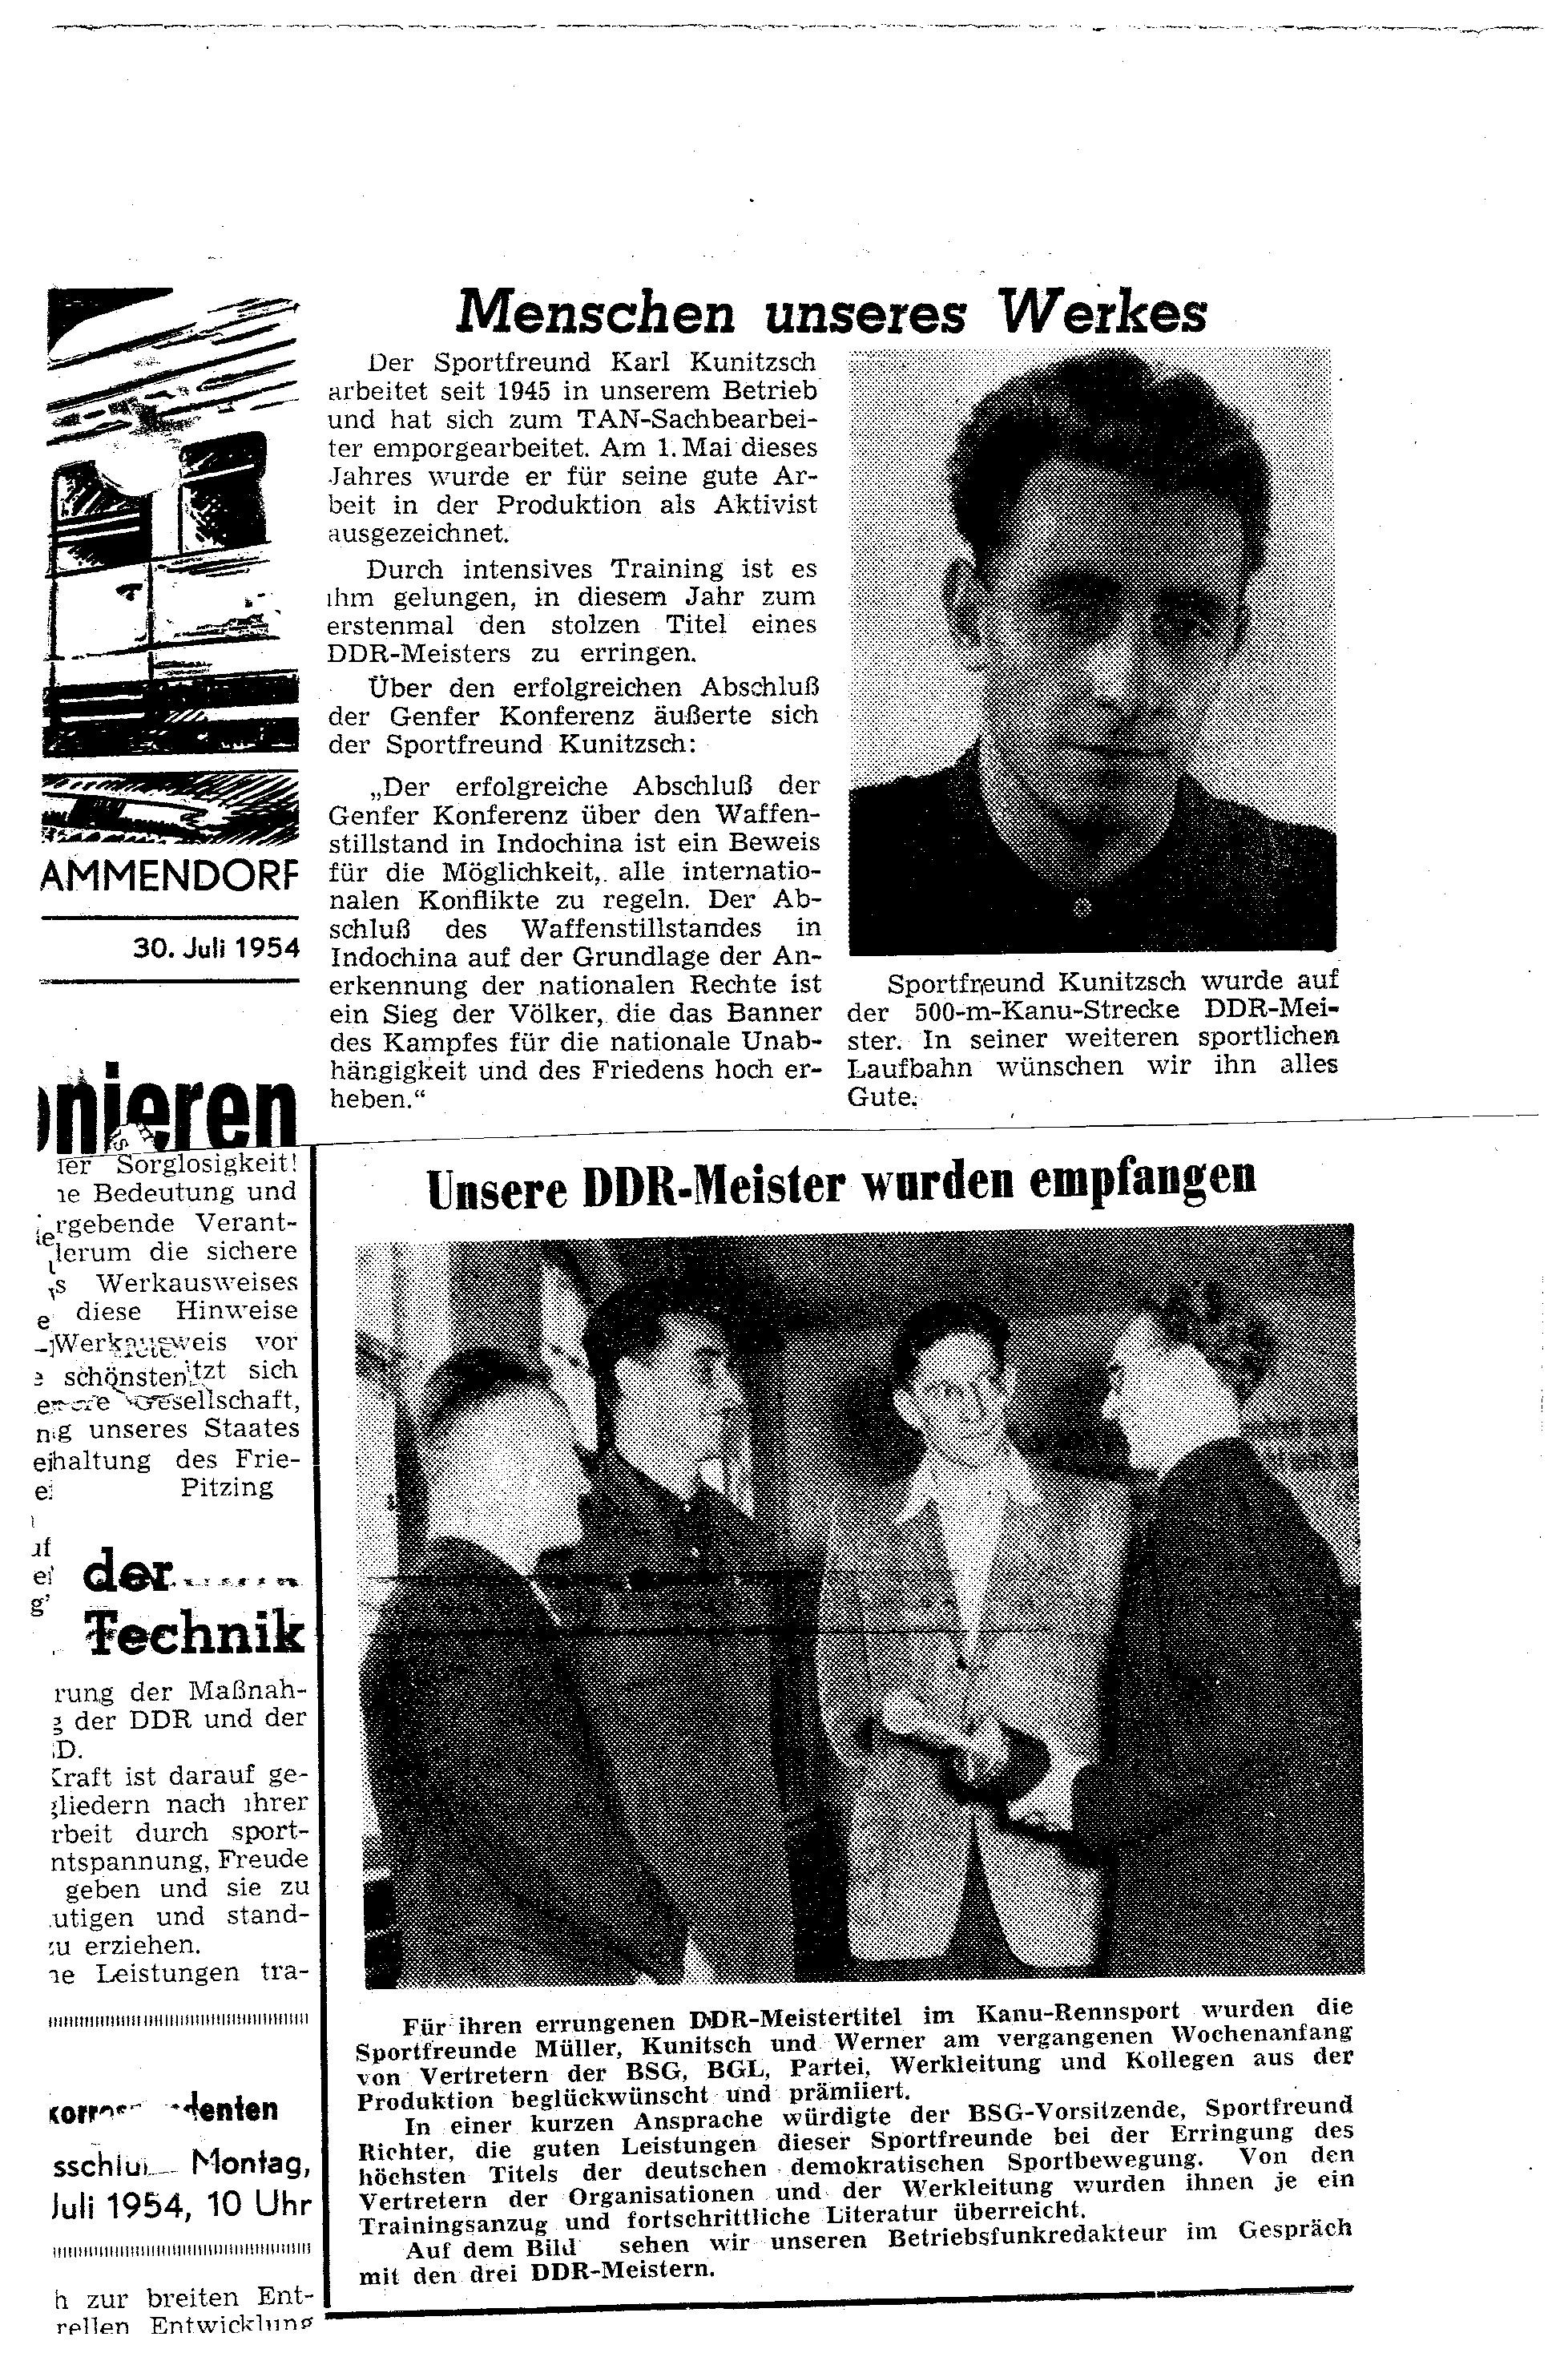 1954-07-30-menschen-unseres-werkes